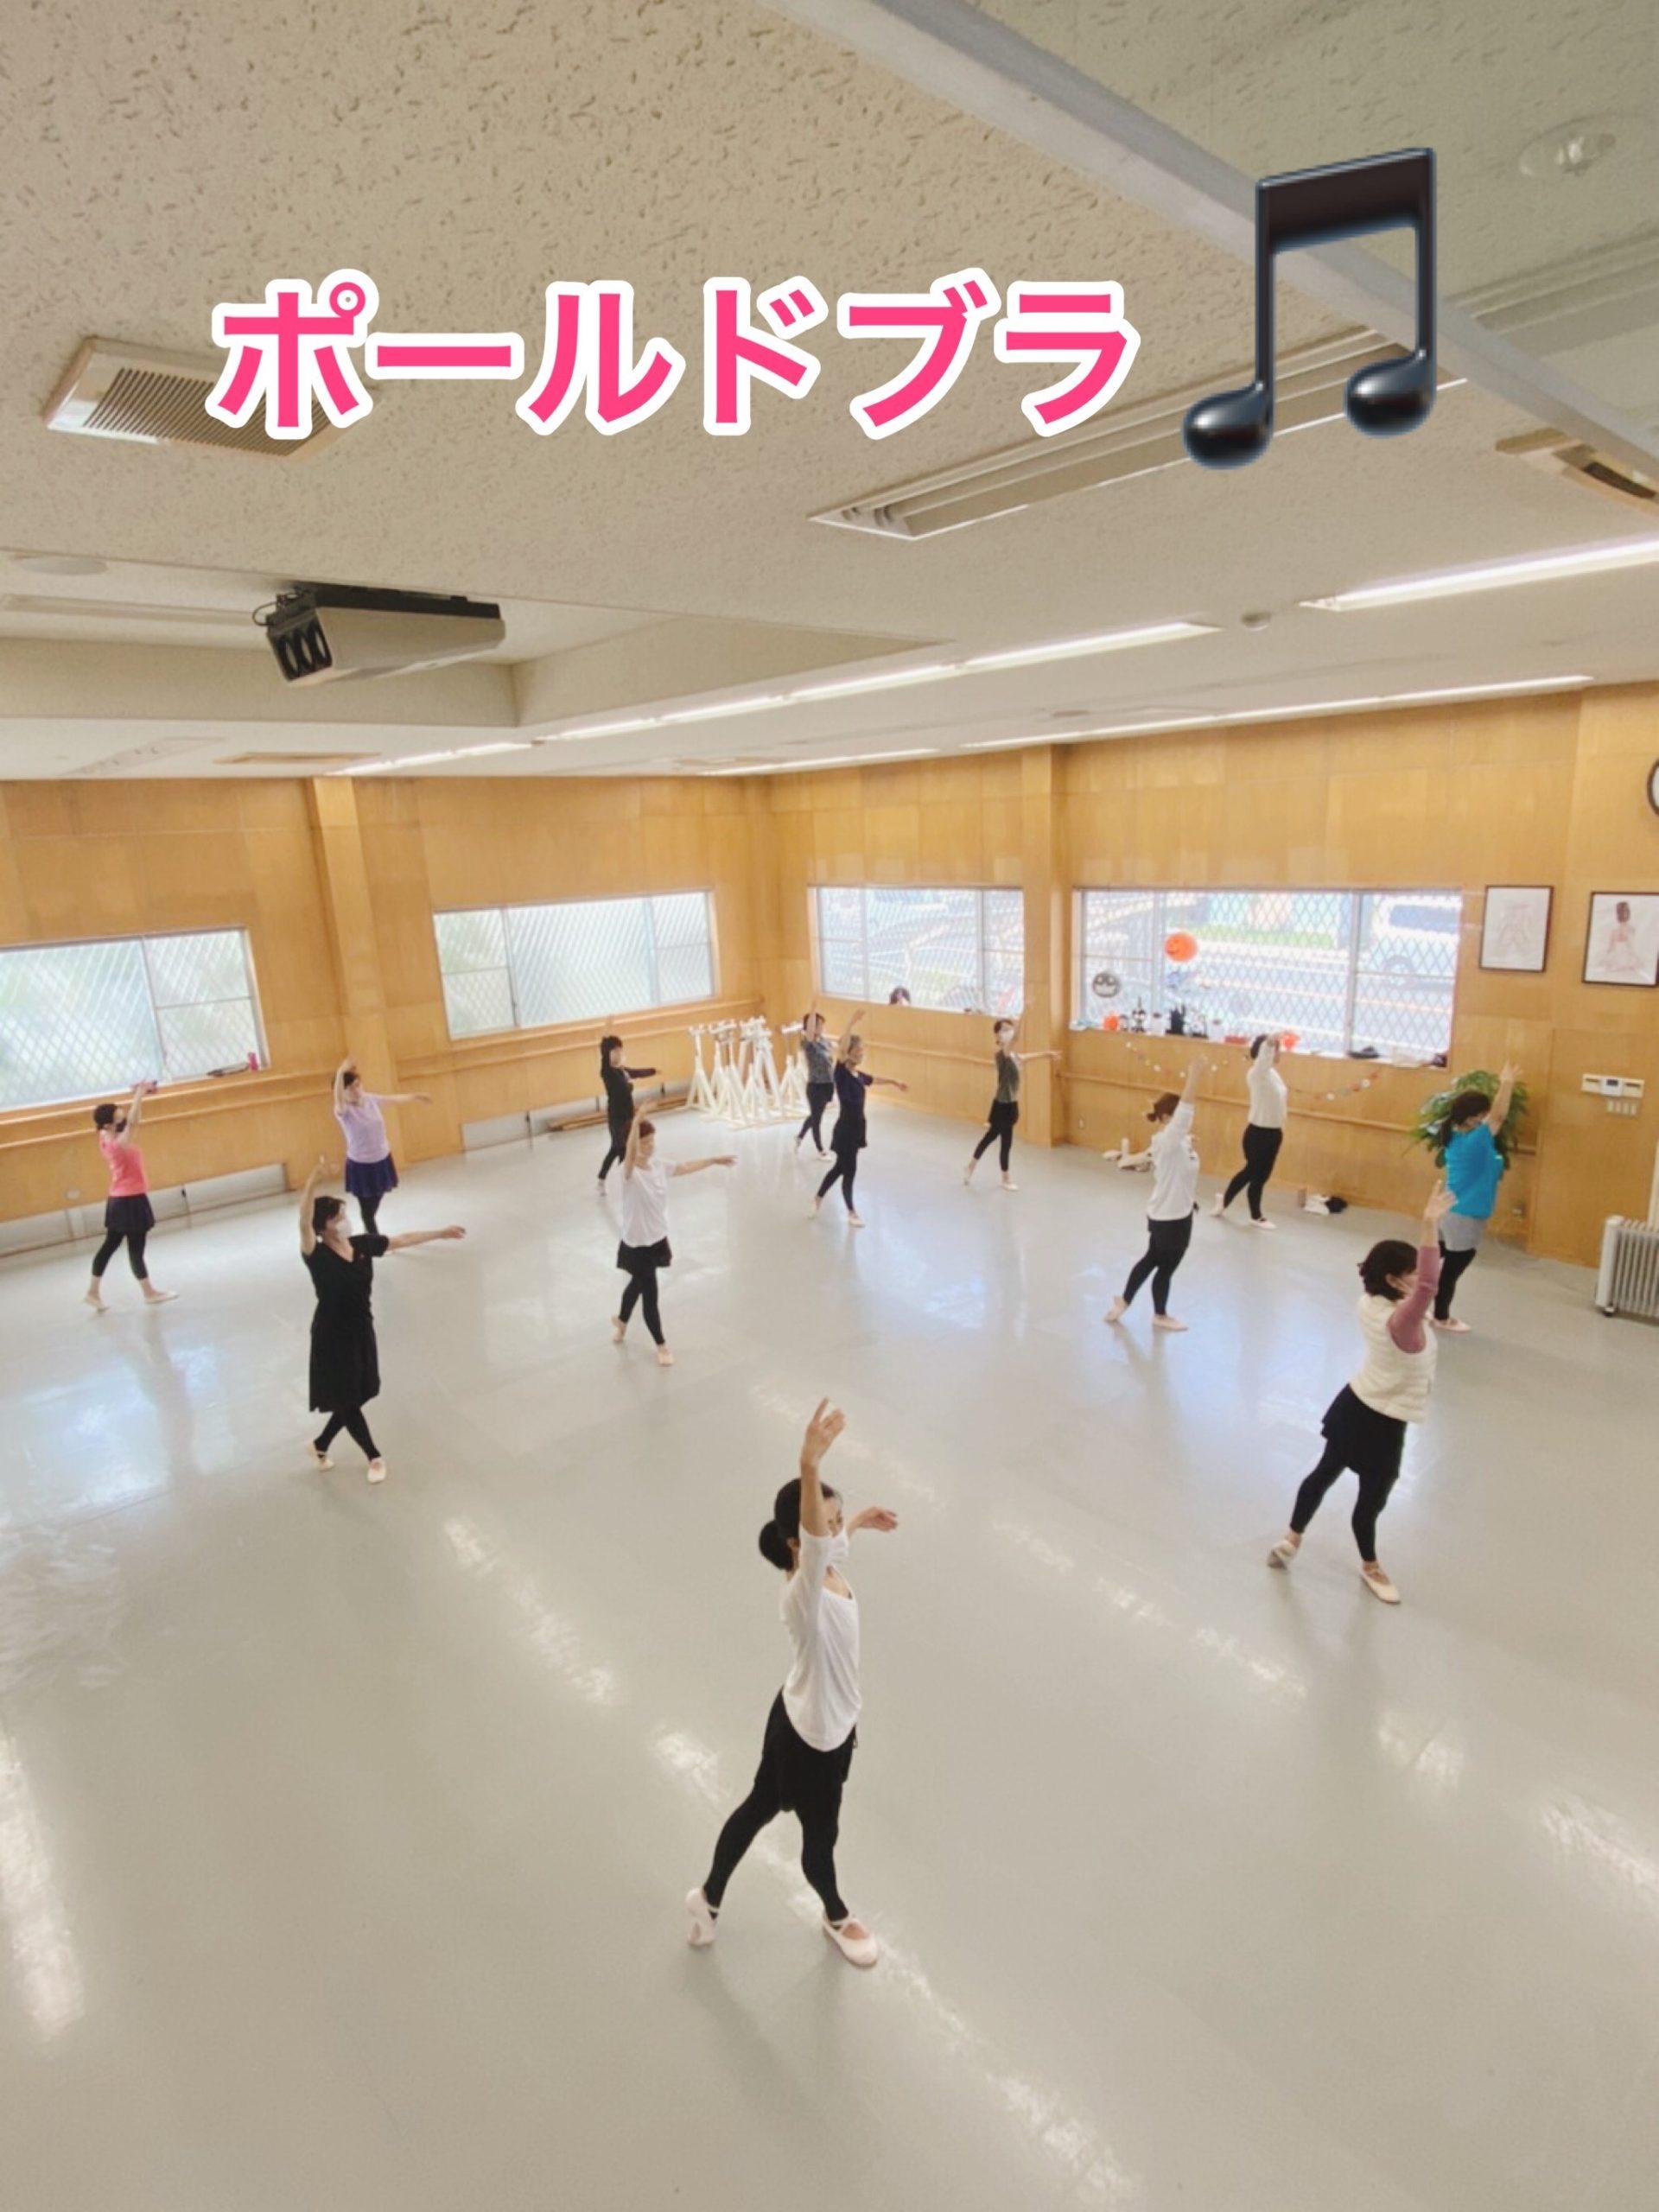 日曜日バレエストレッチクラス♪